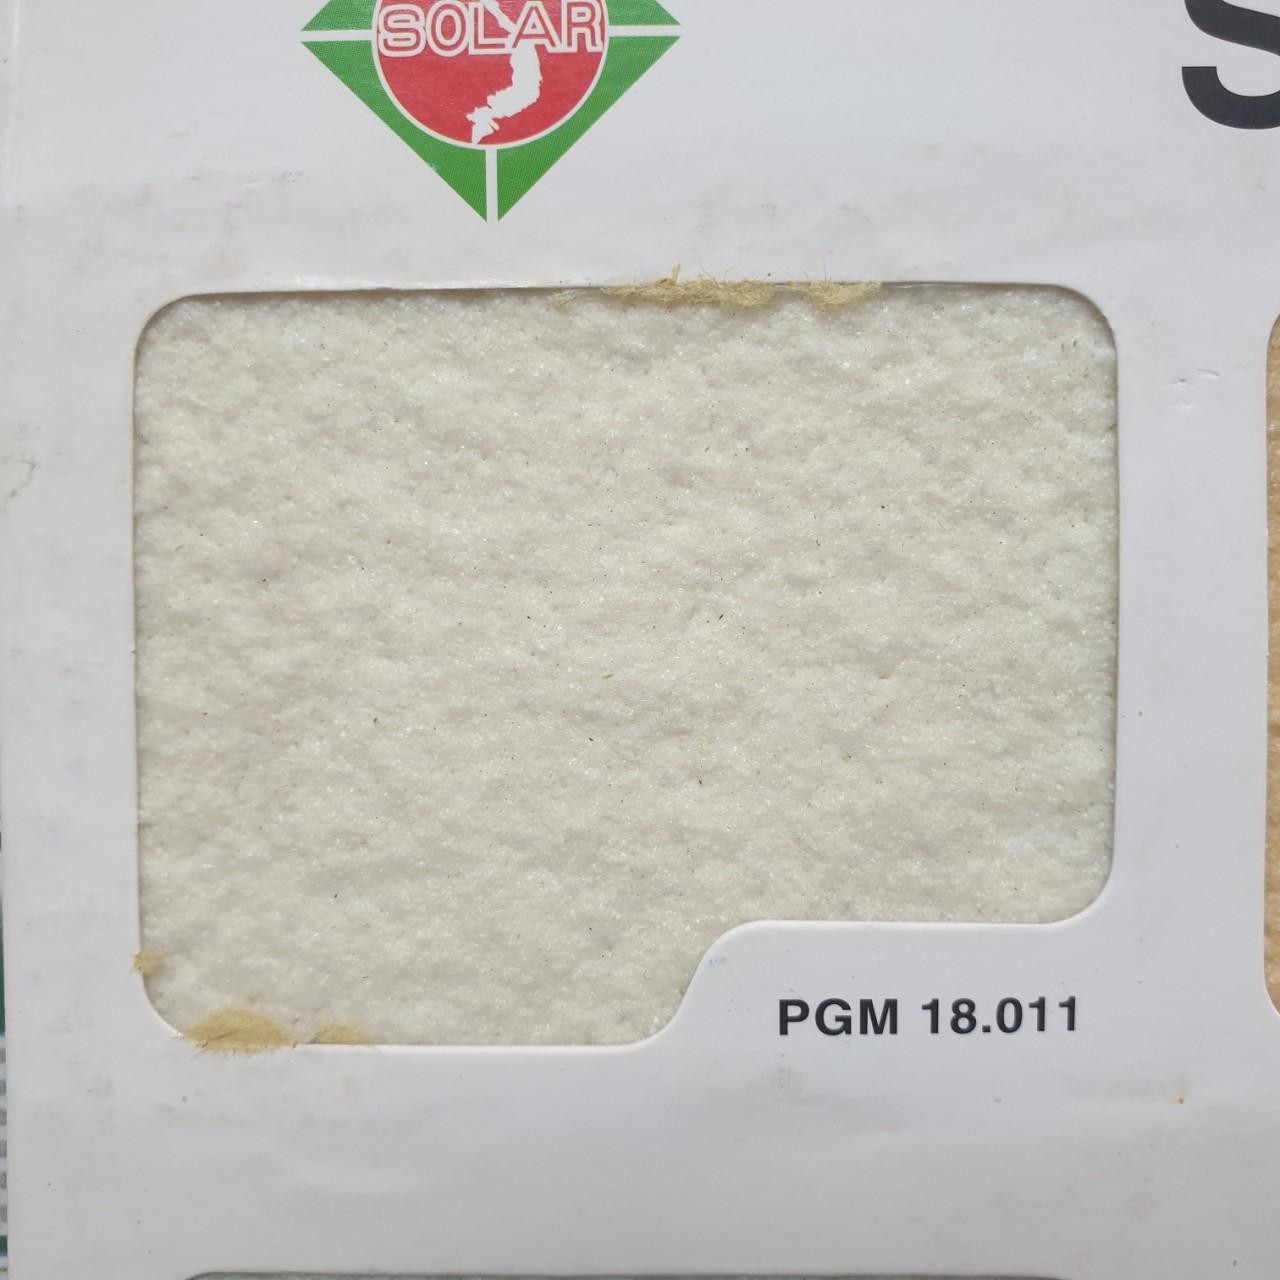 PGM 18.011